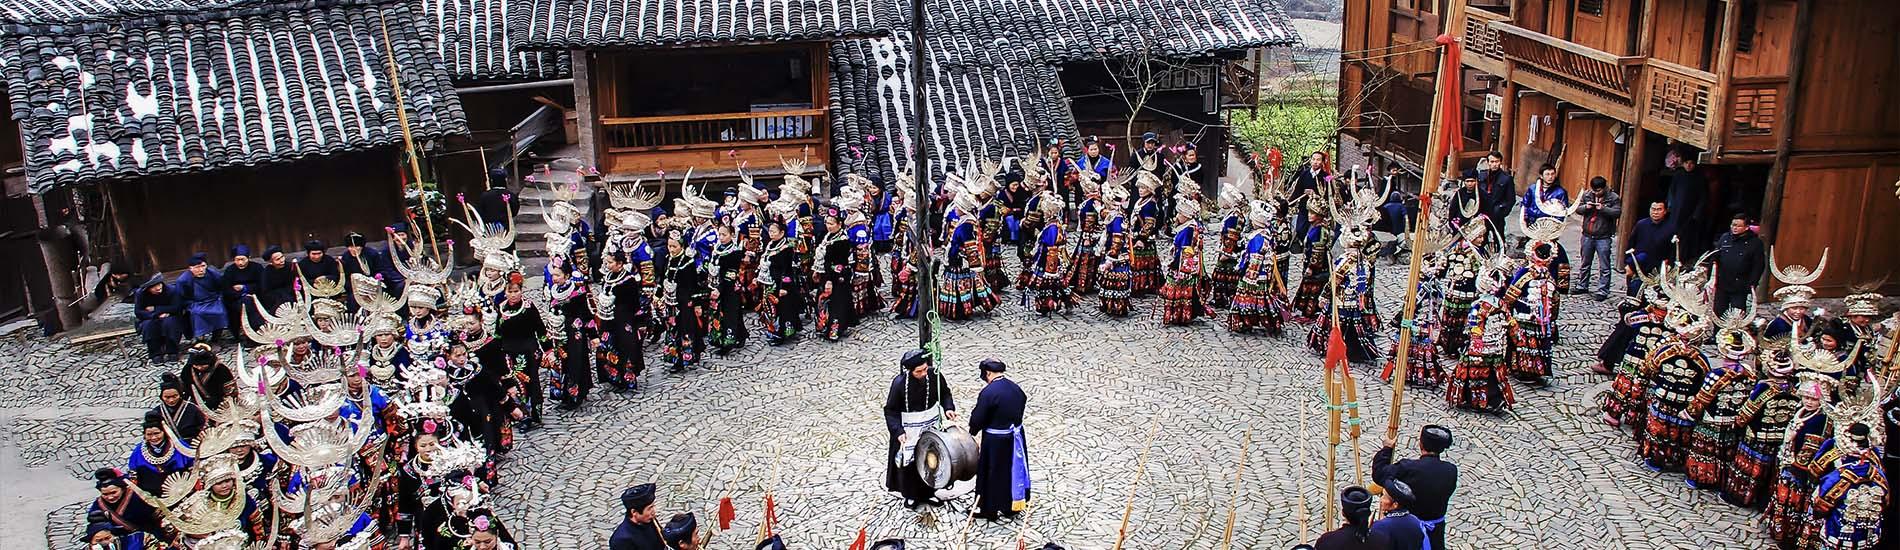 苗寨裡賞傳統歌舞表演